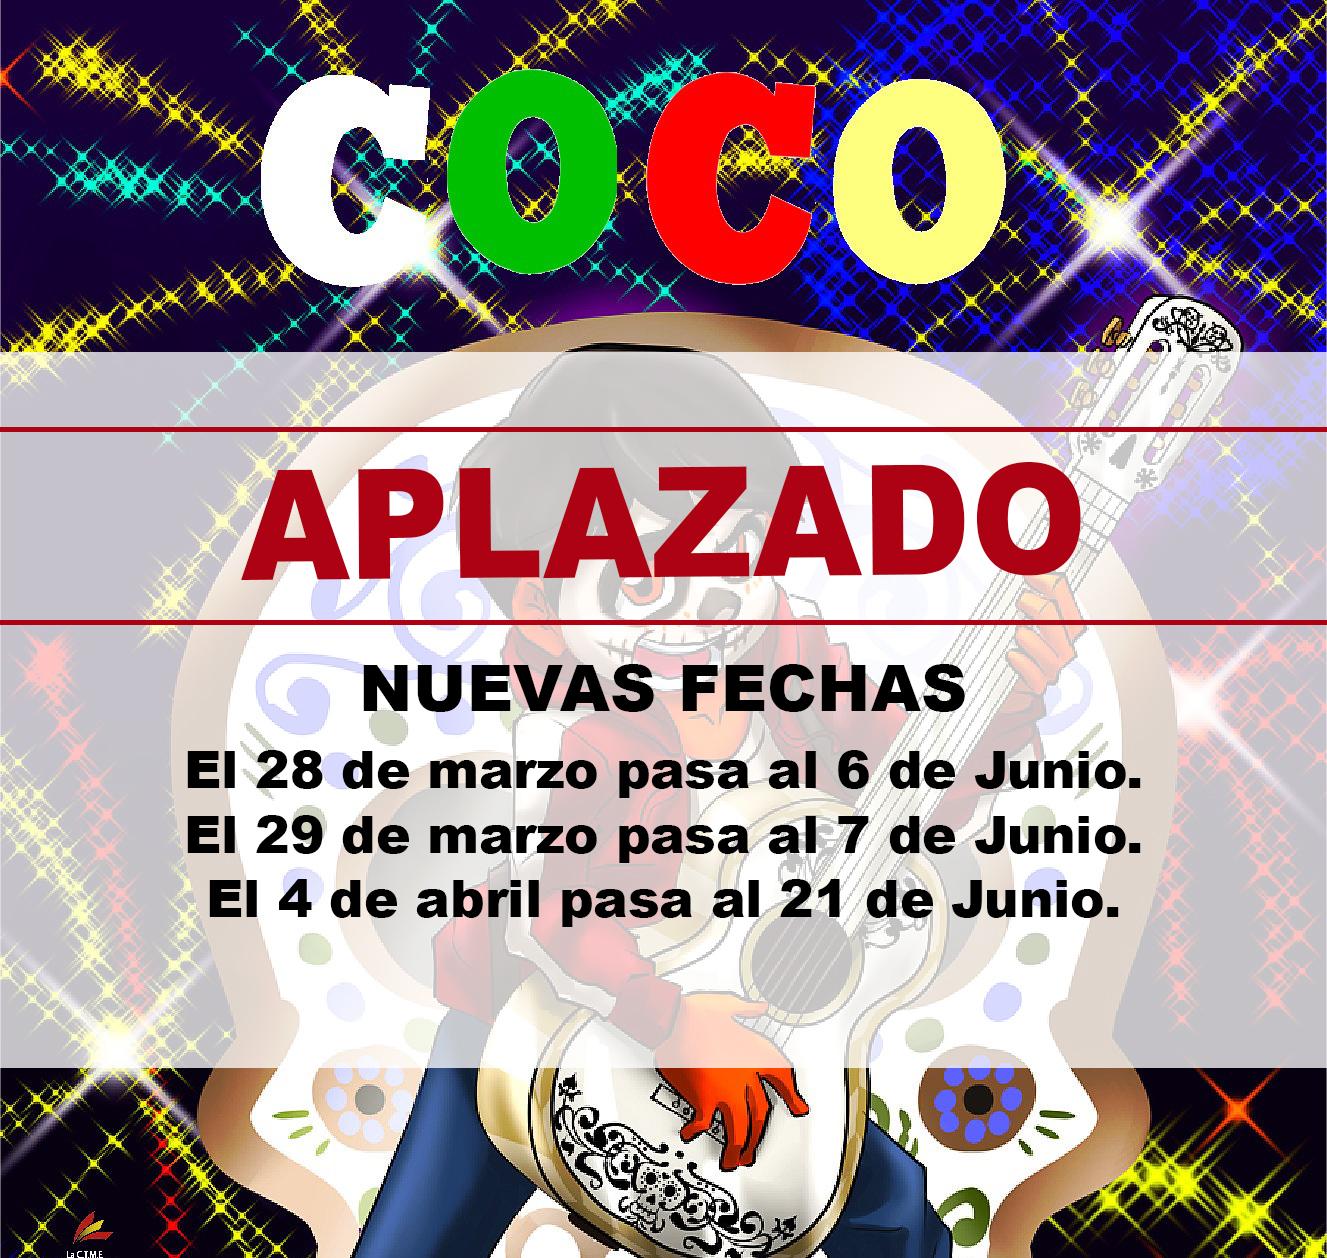 APLAZADO 'Coco, el Musical'